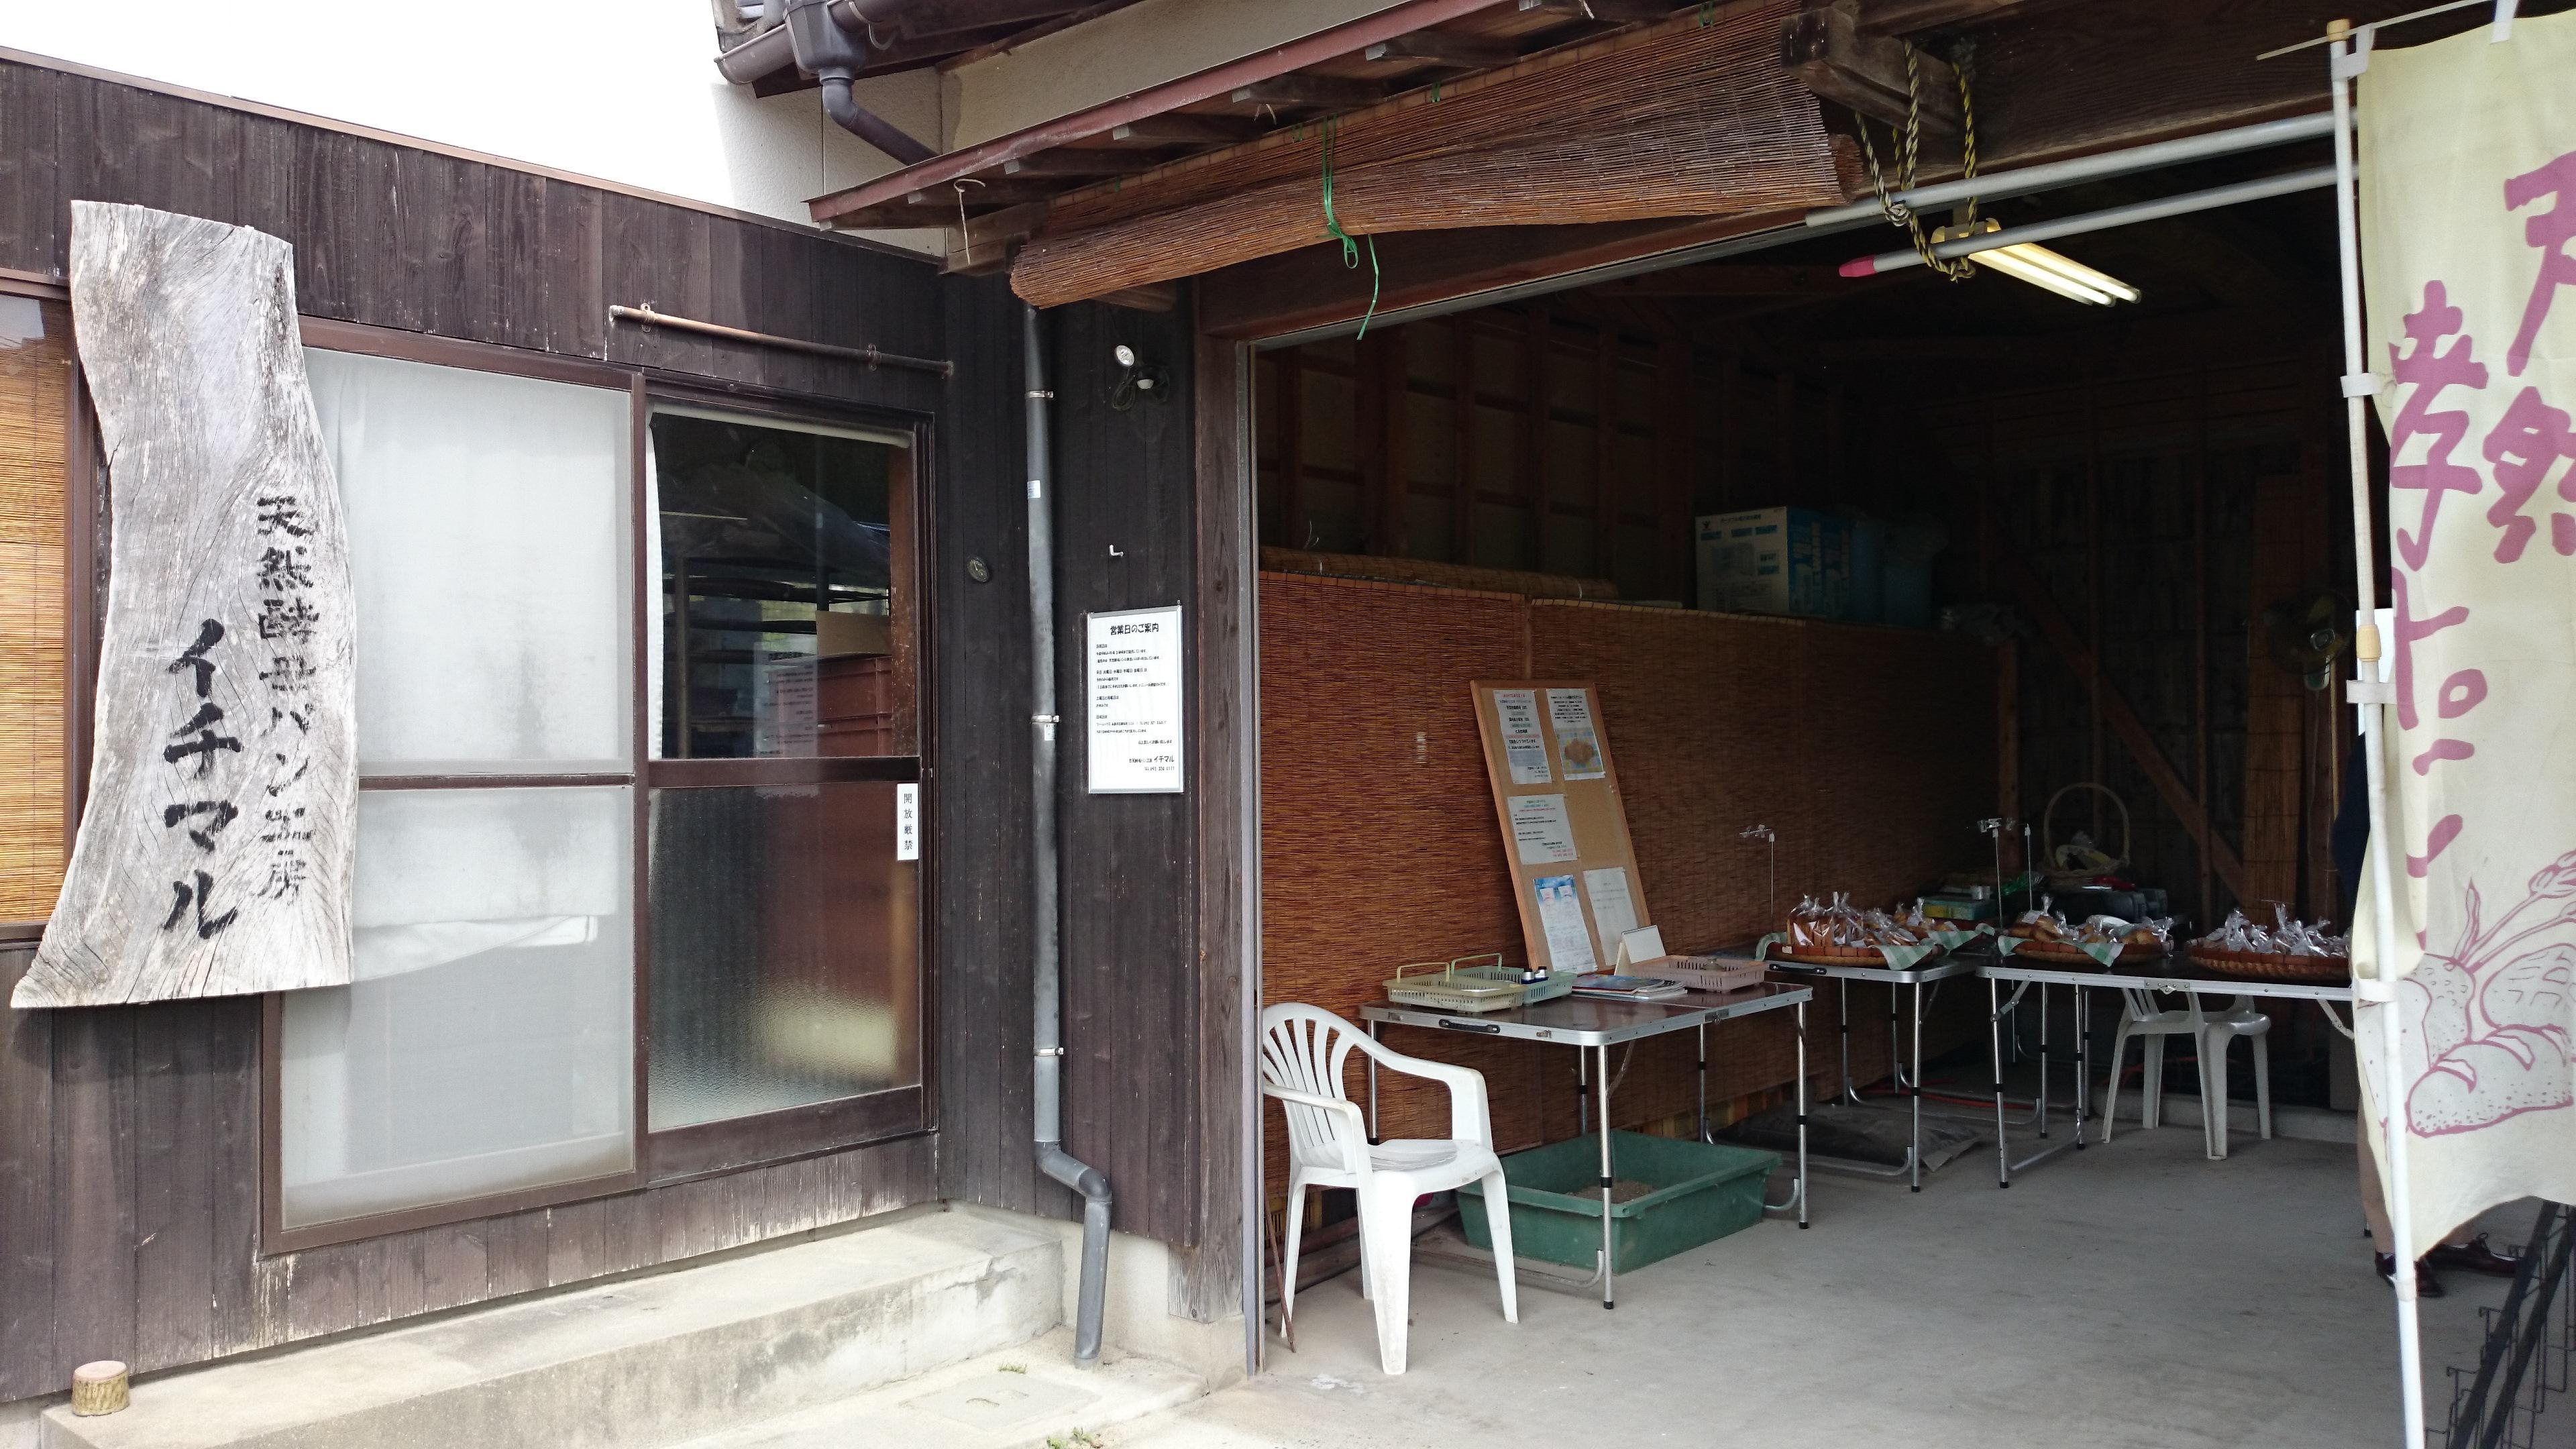 日曜日のパン巡りはココ。糸島市の天然酵母パン工房「イチマル」。